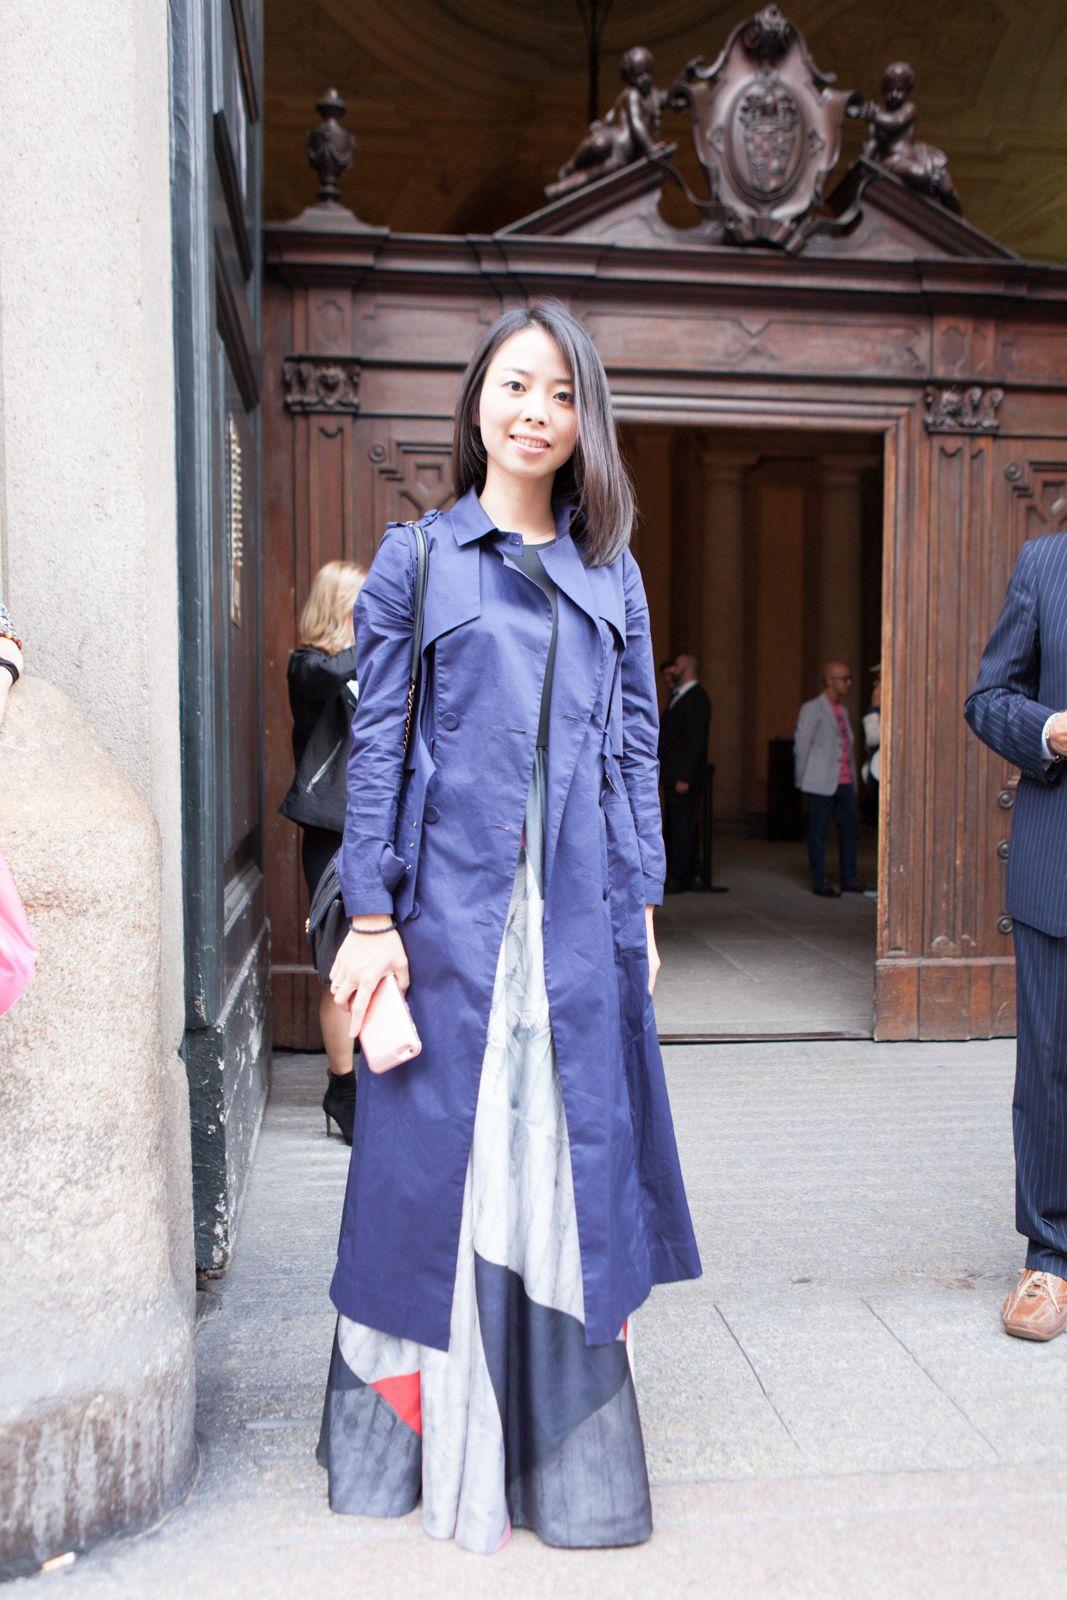 fashion week in milan